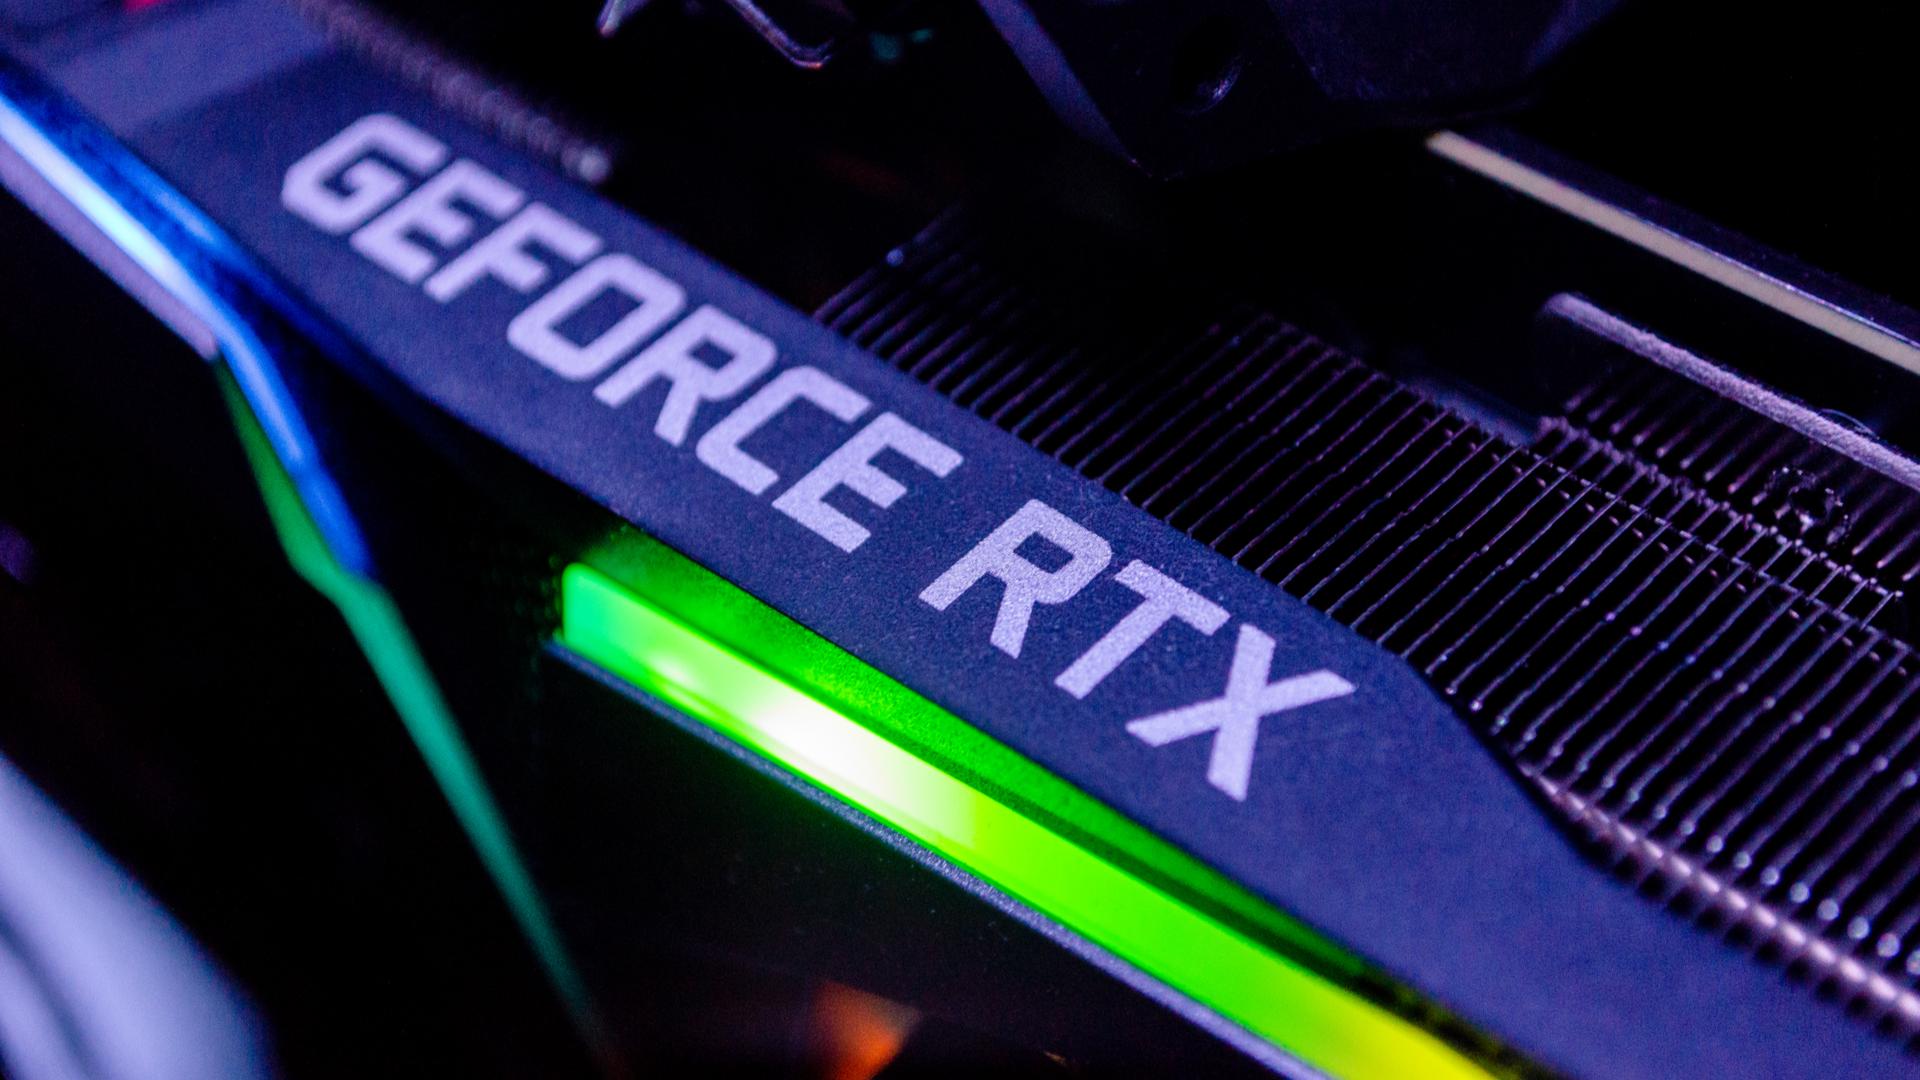 Novas GPUs da GeForce devem ter desempenho muito superior do que as disponíveis atualmente. (Foto: Kiklas/Shutterstock.com)